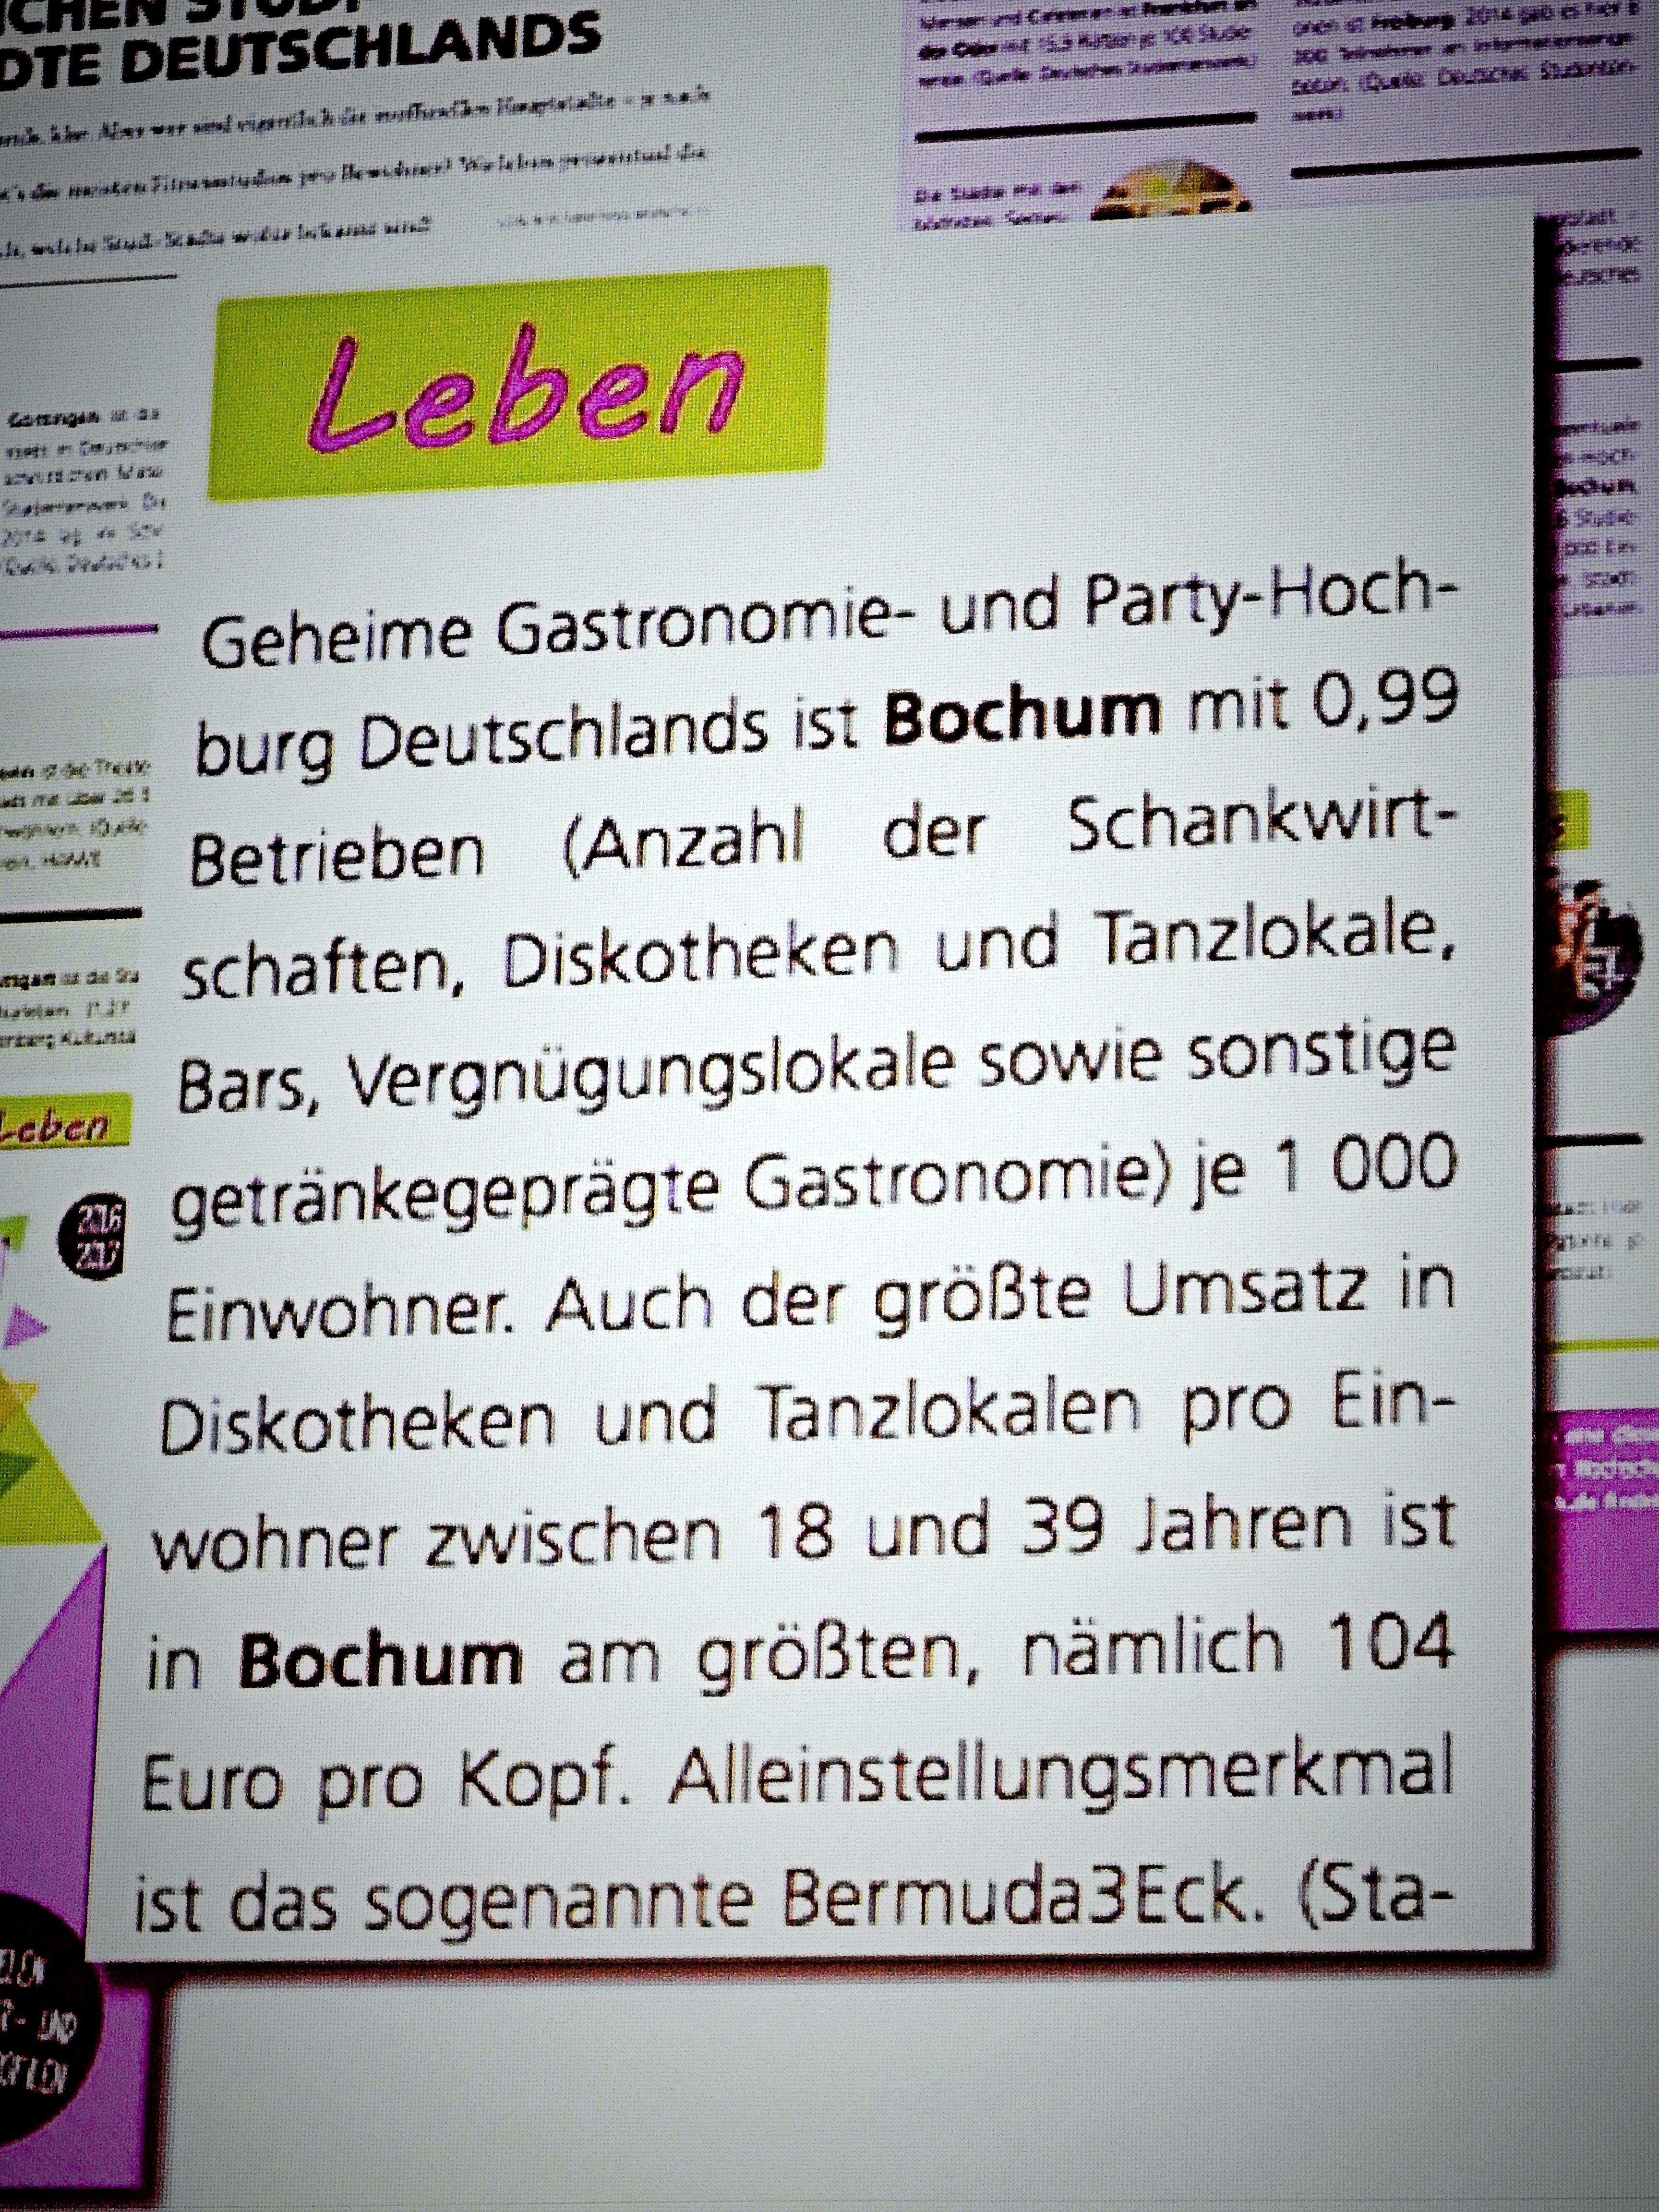 In der geheimen Gastronomiehochburg ist der größte Umsatz am größten ...